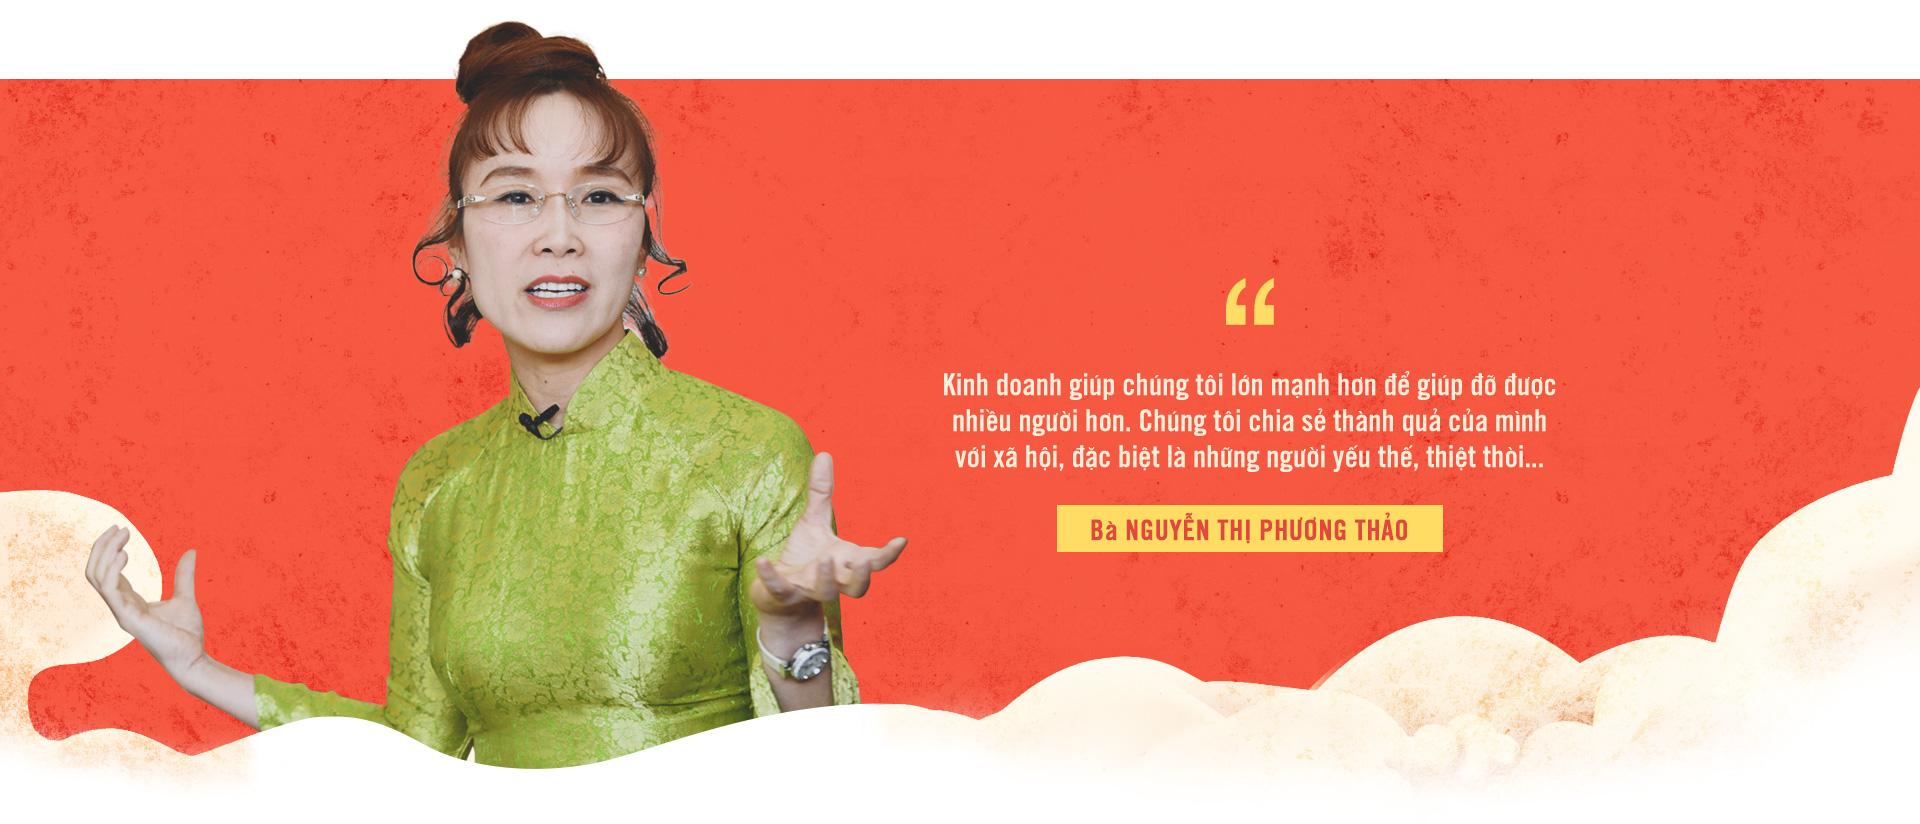 CEO Vietjet Nguyễn Thị Phương Thảo: Tiền nhiều để hiện thực hóa những ước mơ cao đẹp - Ảnh 15.